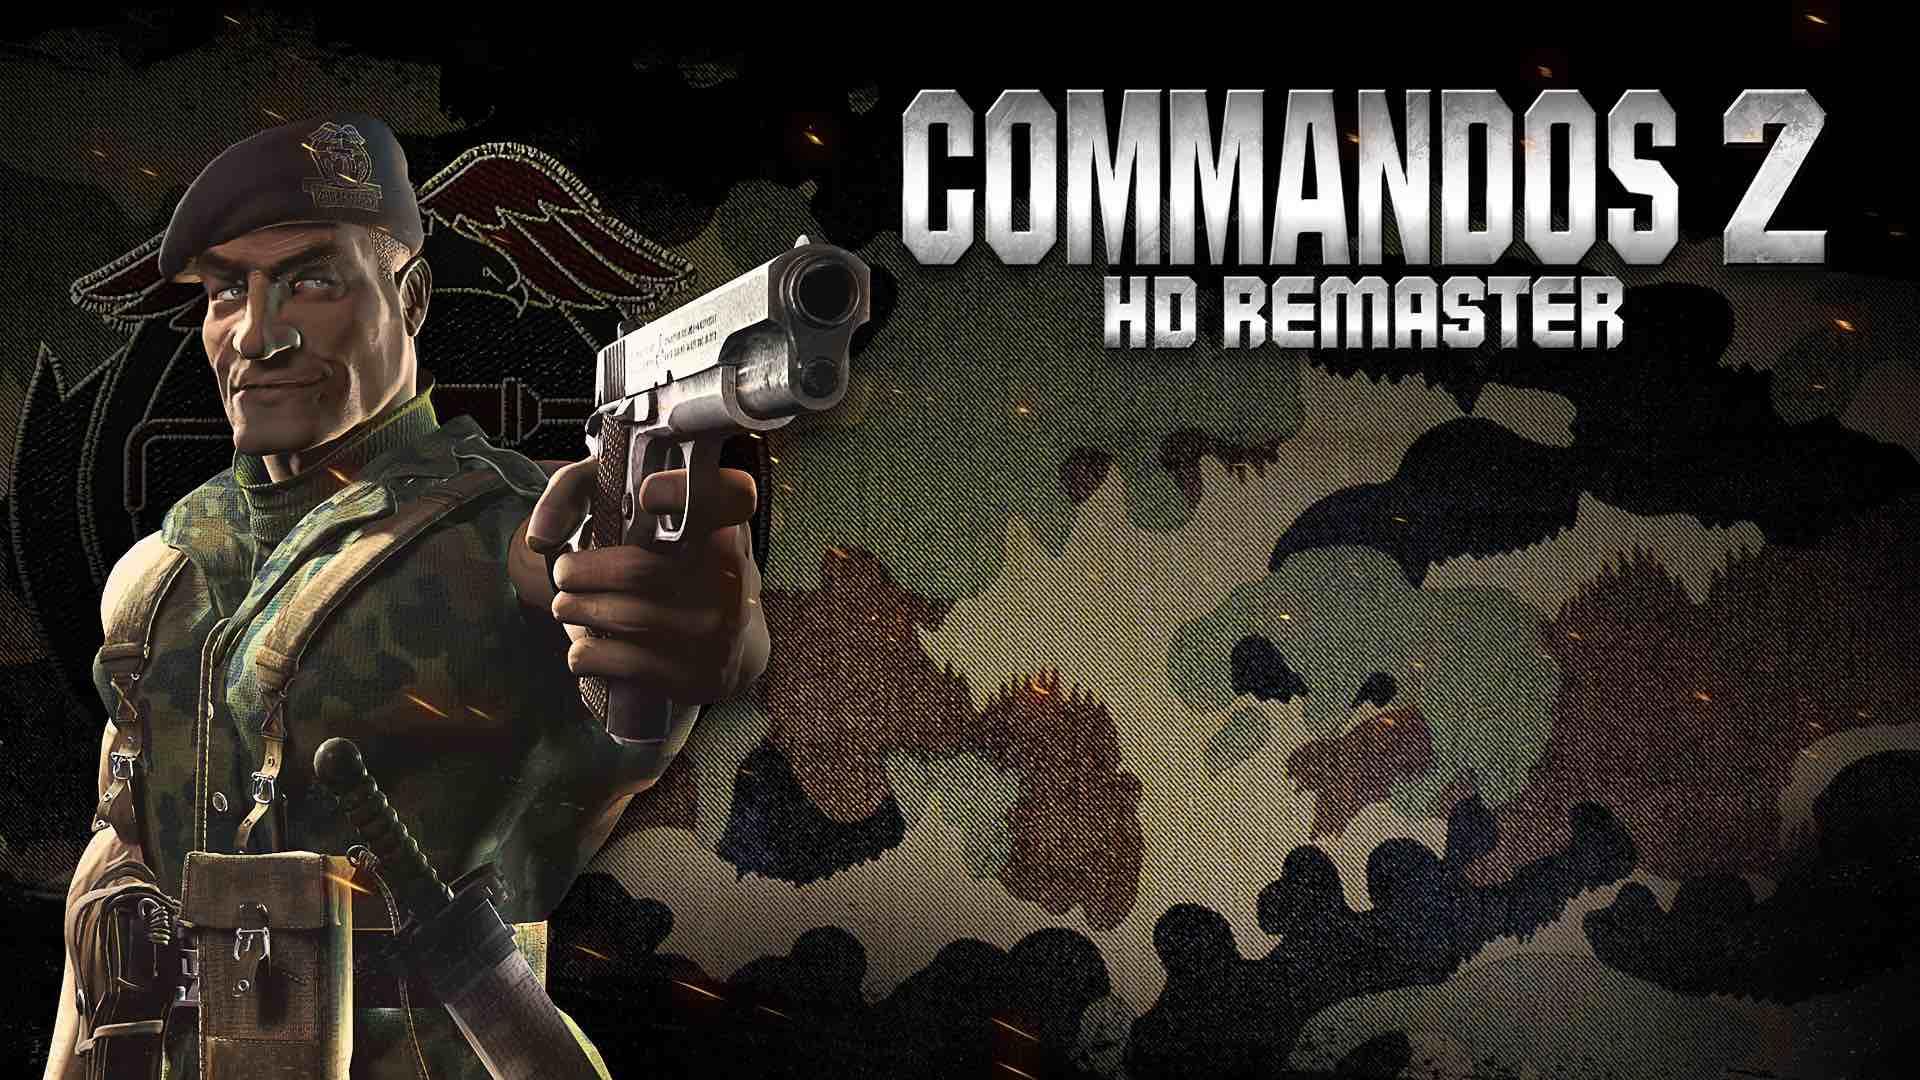 Постер Commandos 2 - HD Remaster